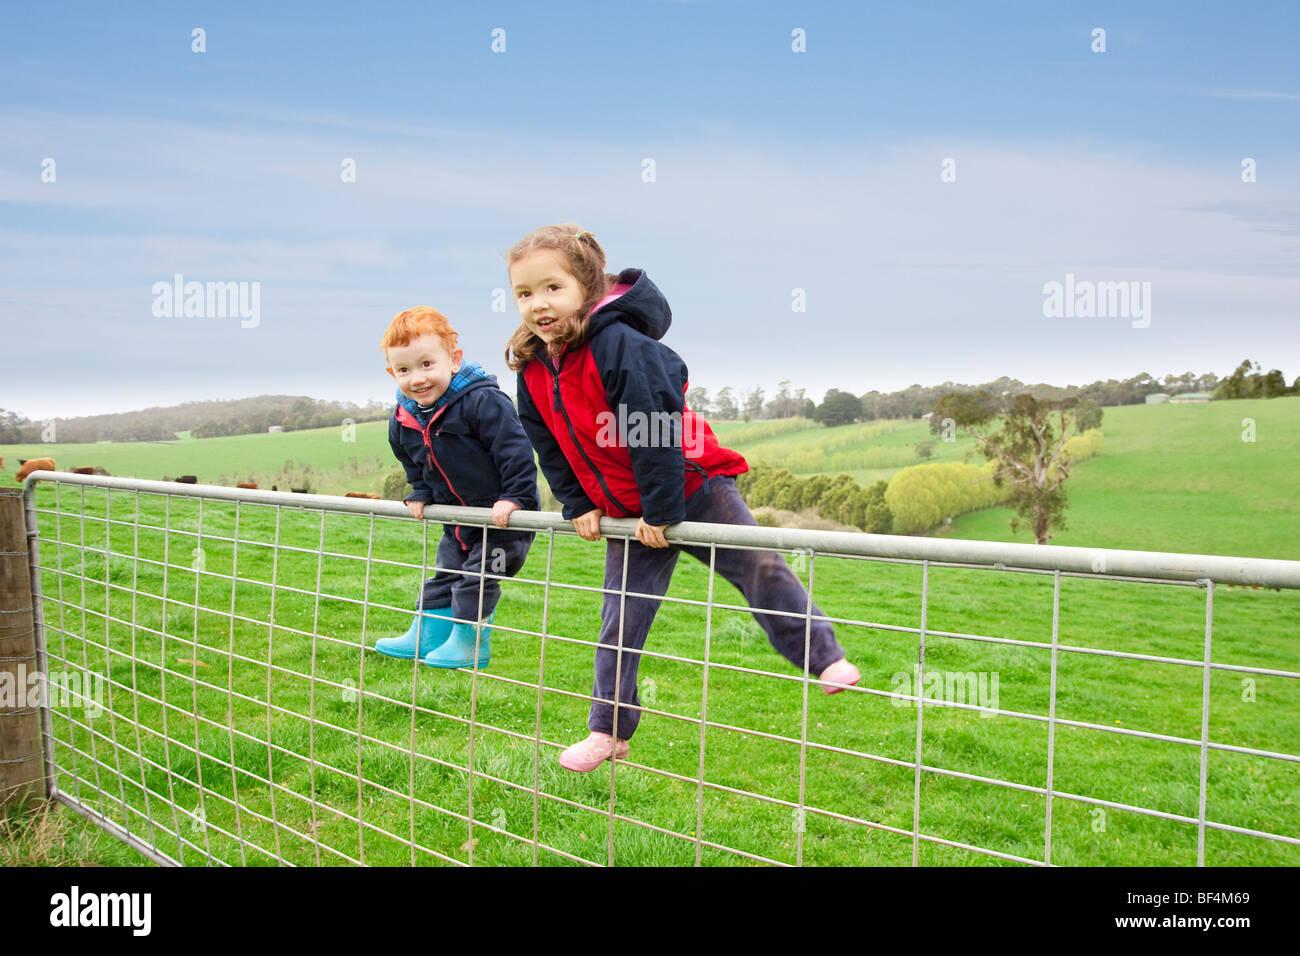 Ragazzo e ragazza di fattoria in fattoria rurale sullo sfondo Immagini Stock